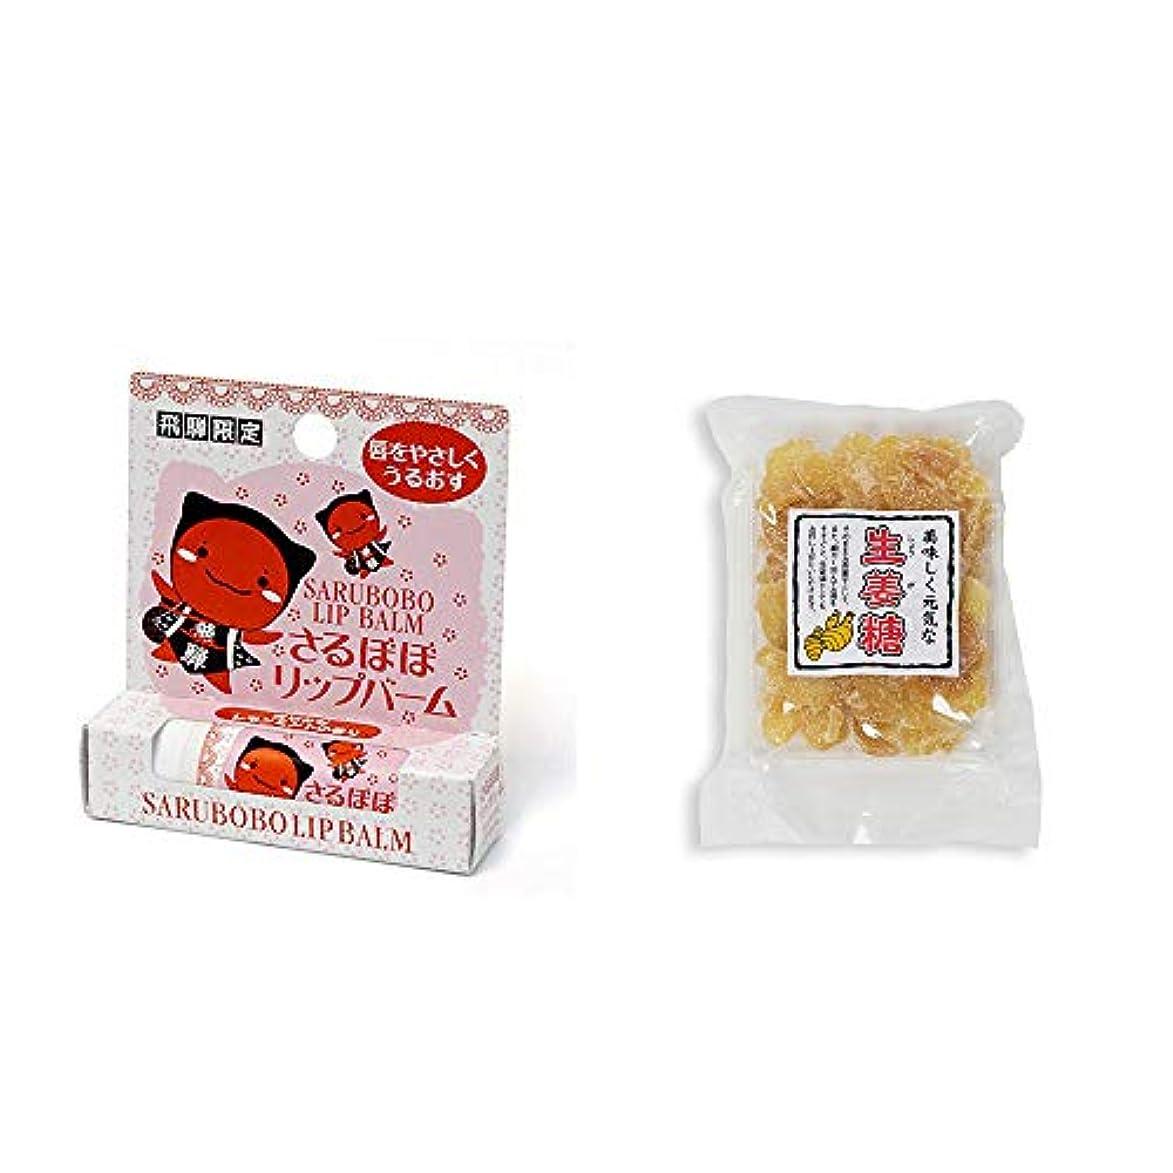 事業内容役職シリアル[2点セット] さるぼぼ リップバーム(4g) ?生姜糖(230g)